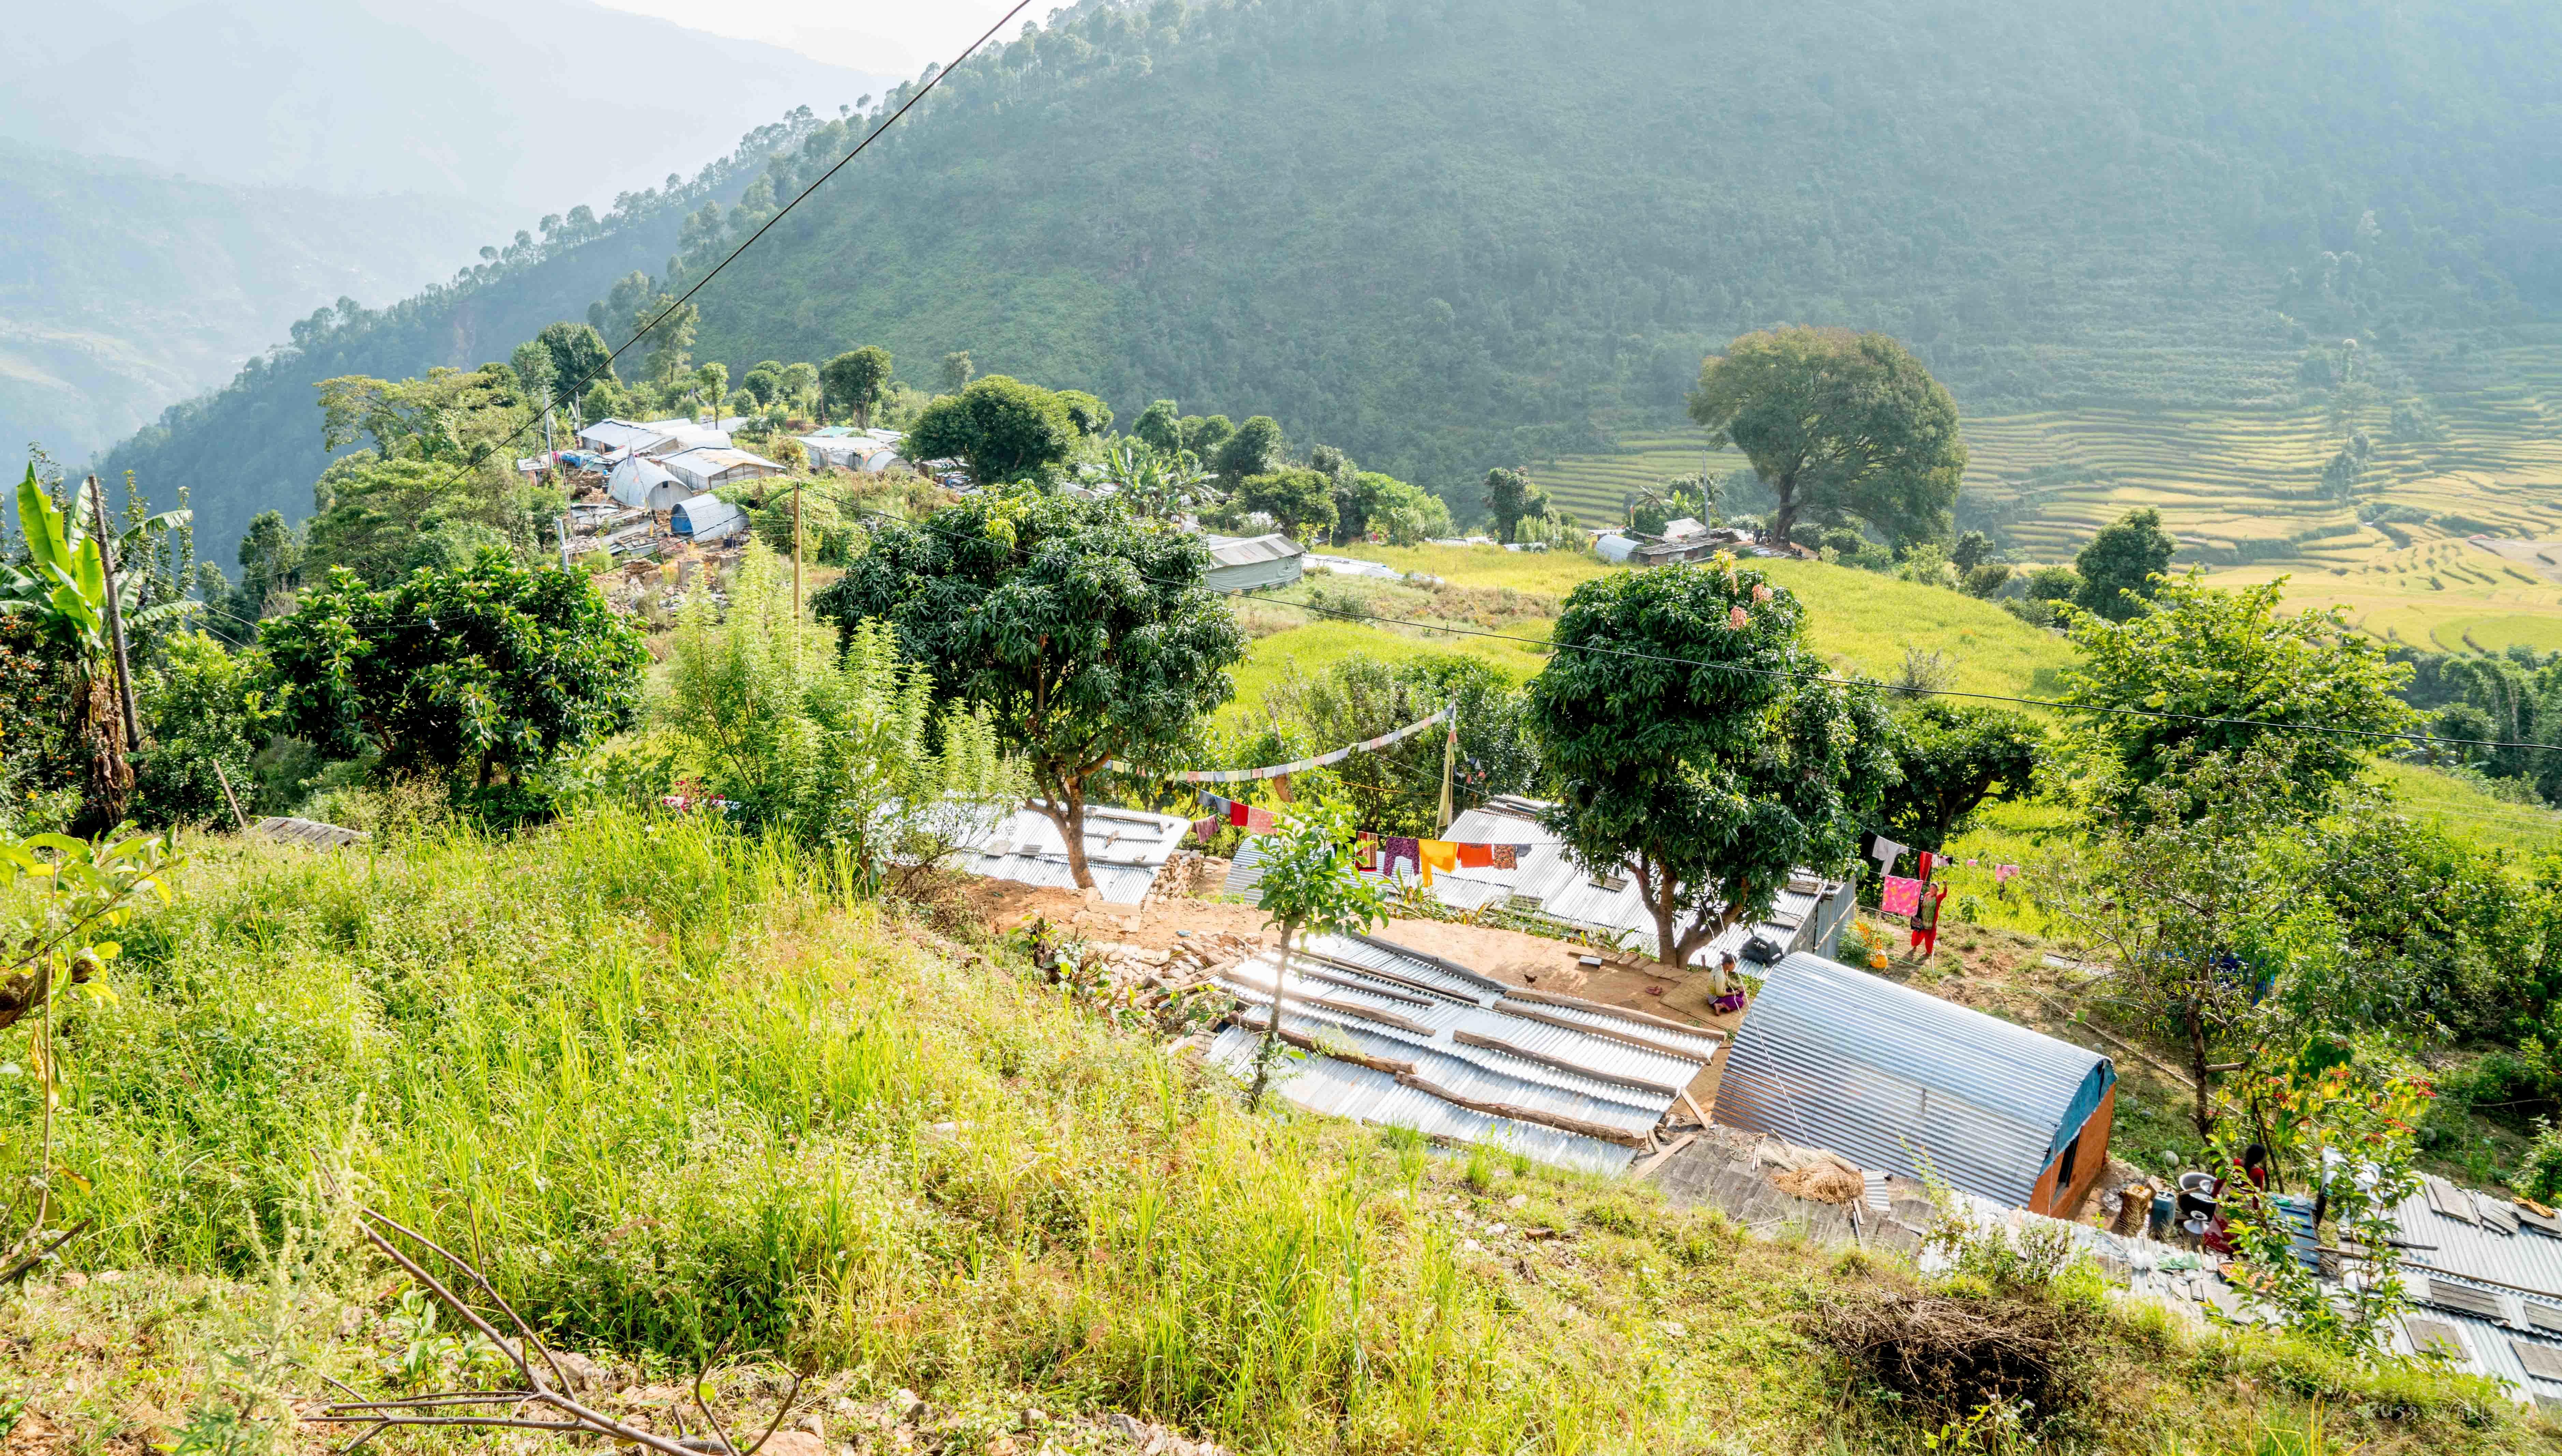 Volunteering in Nepal - hilly region volunteering in nepal